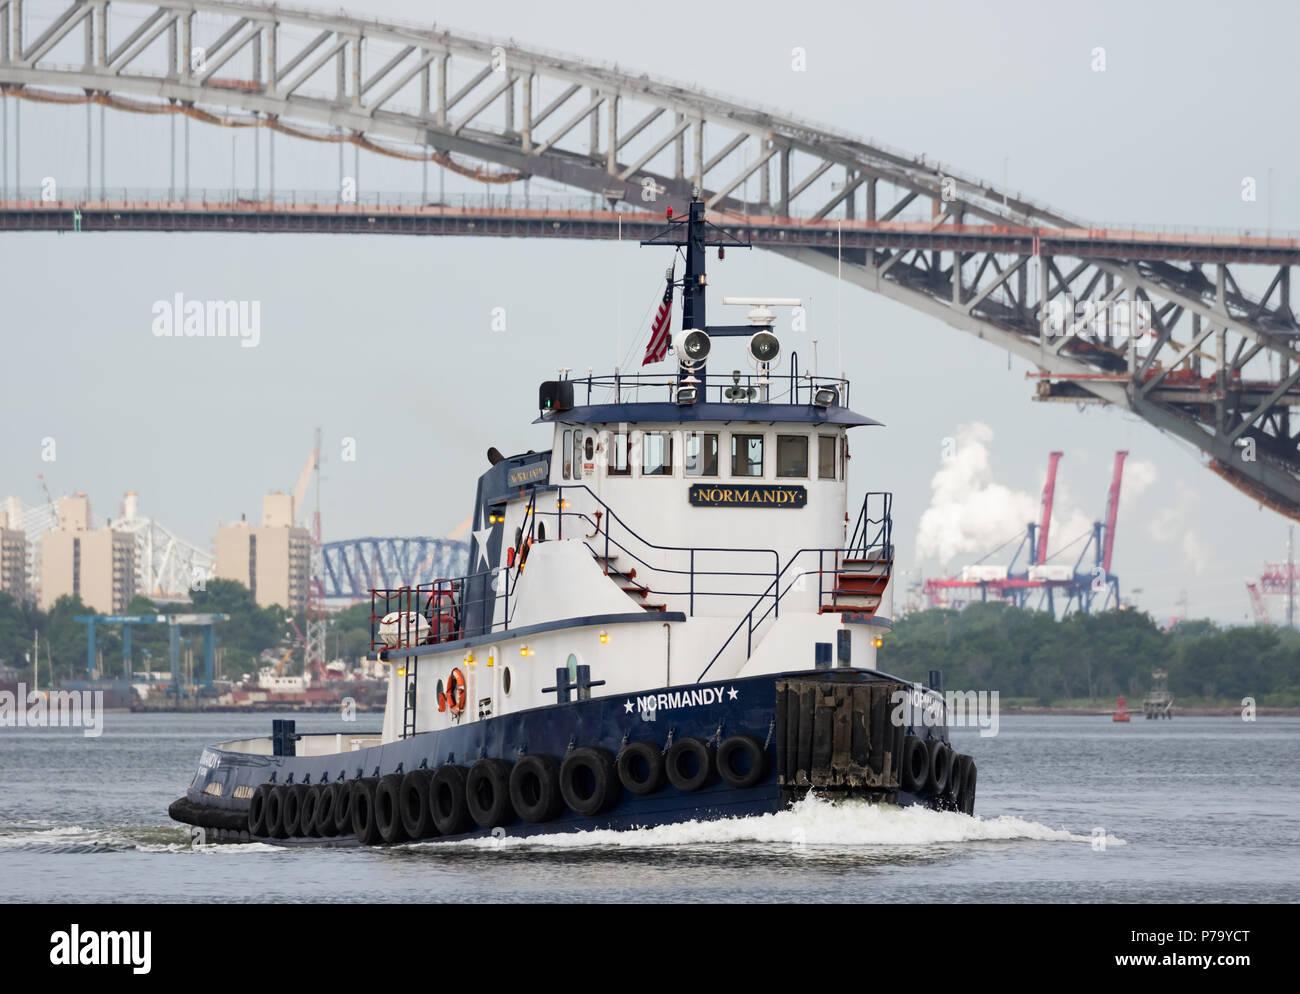 Metropolitan Marine Transport Tug Boat Normandie; Van Kull mit der Bayonne Bridge und Staten Island View von Newark Bay hinter ihr Töten. Stockfoto